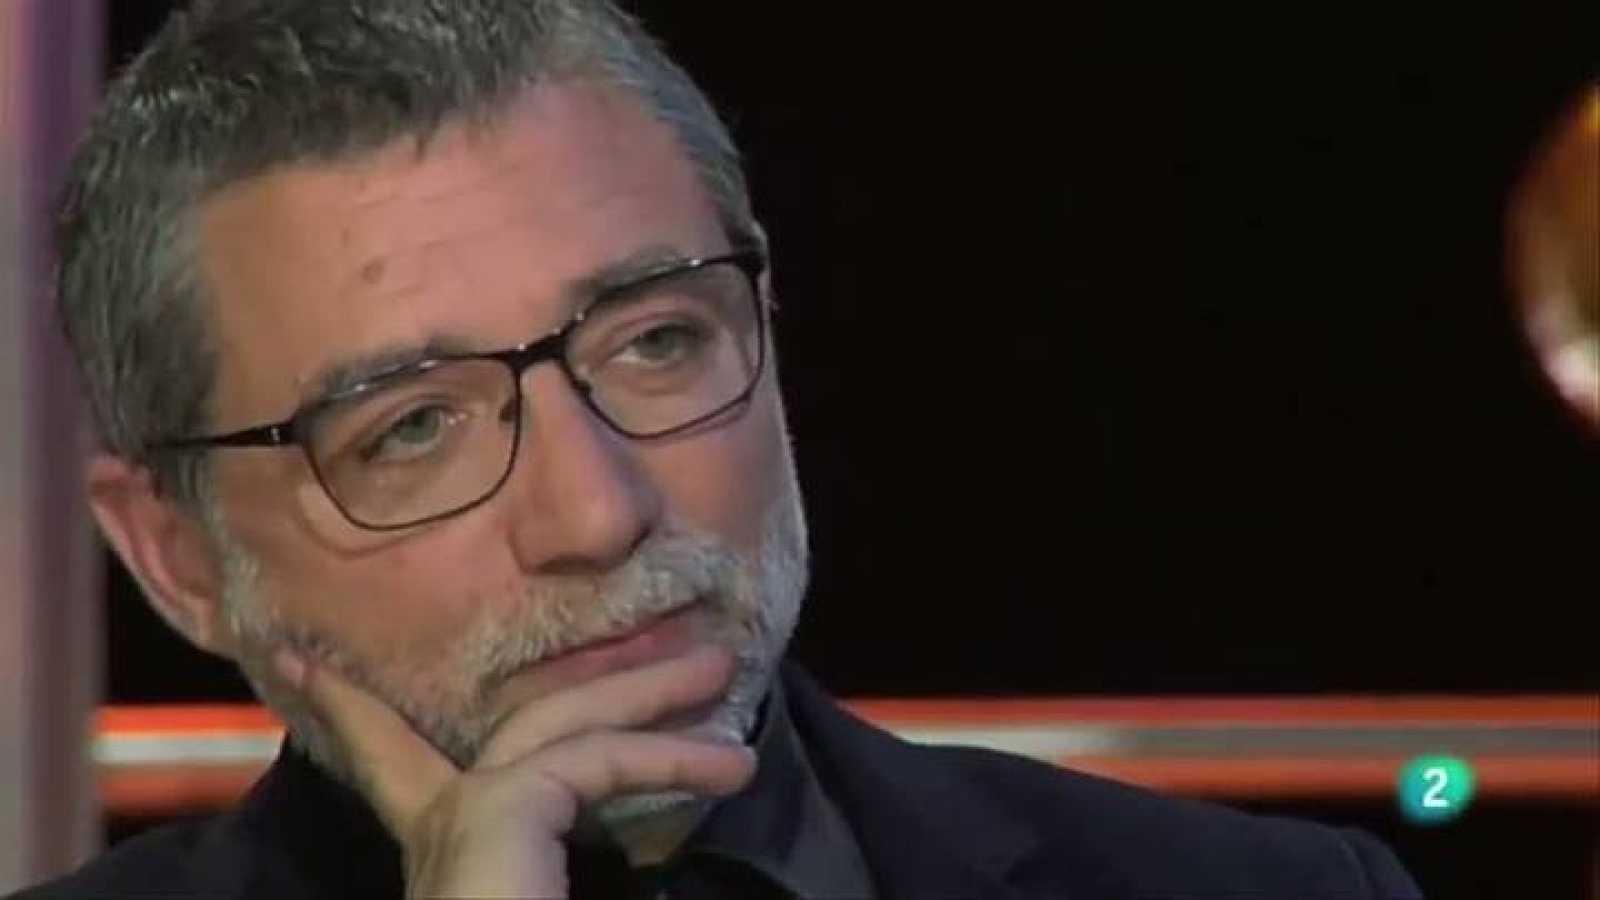 Entrevista a Jaume Plensa, completa y sin cortes